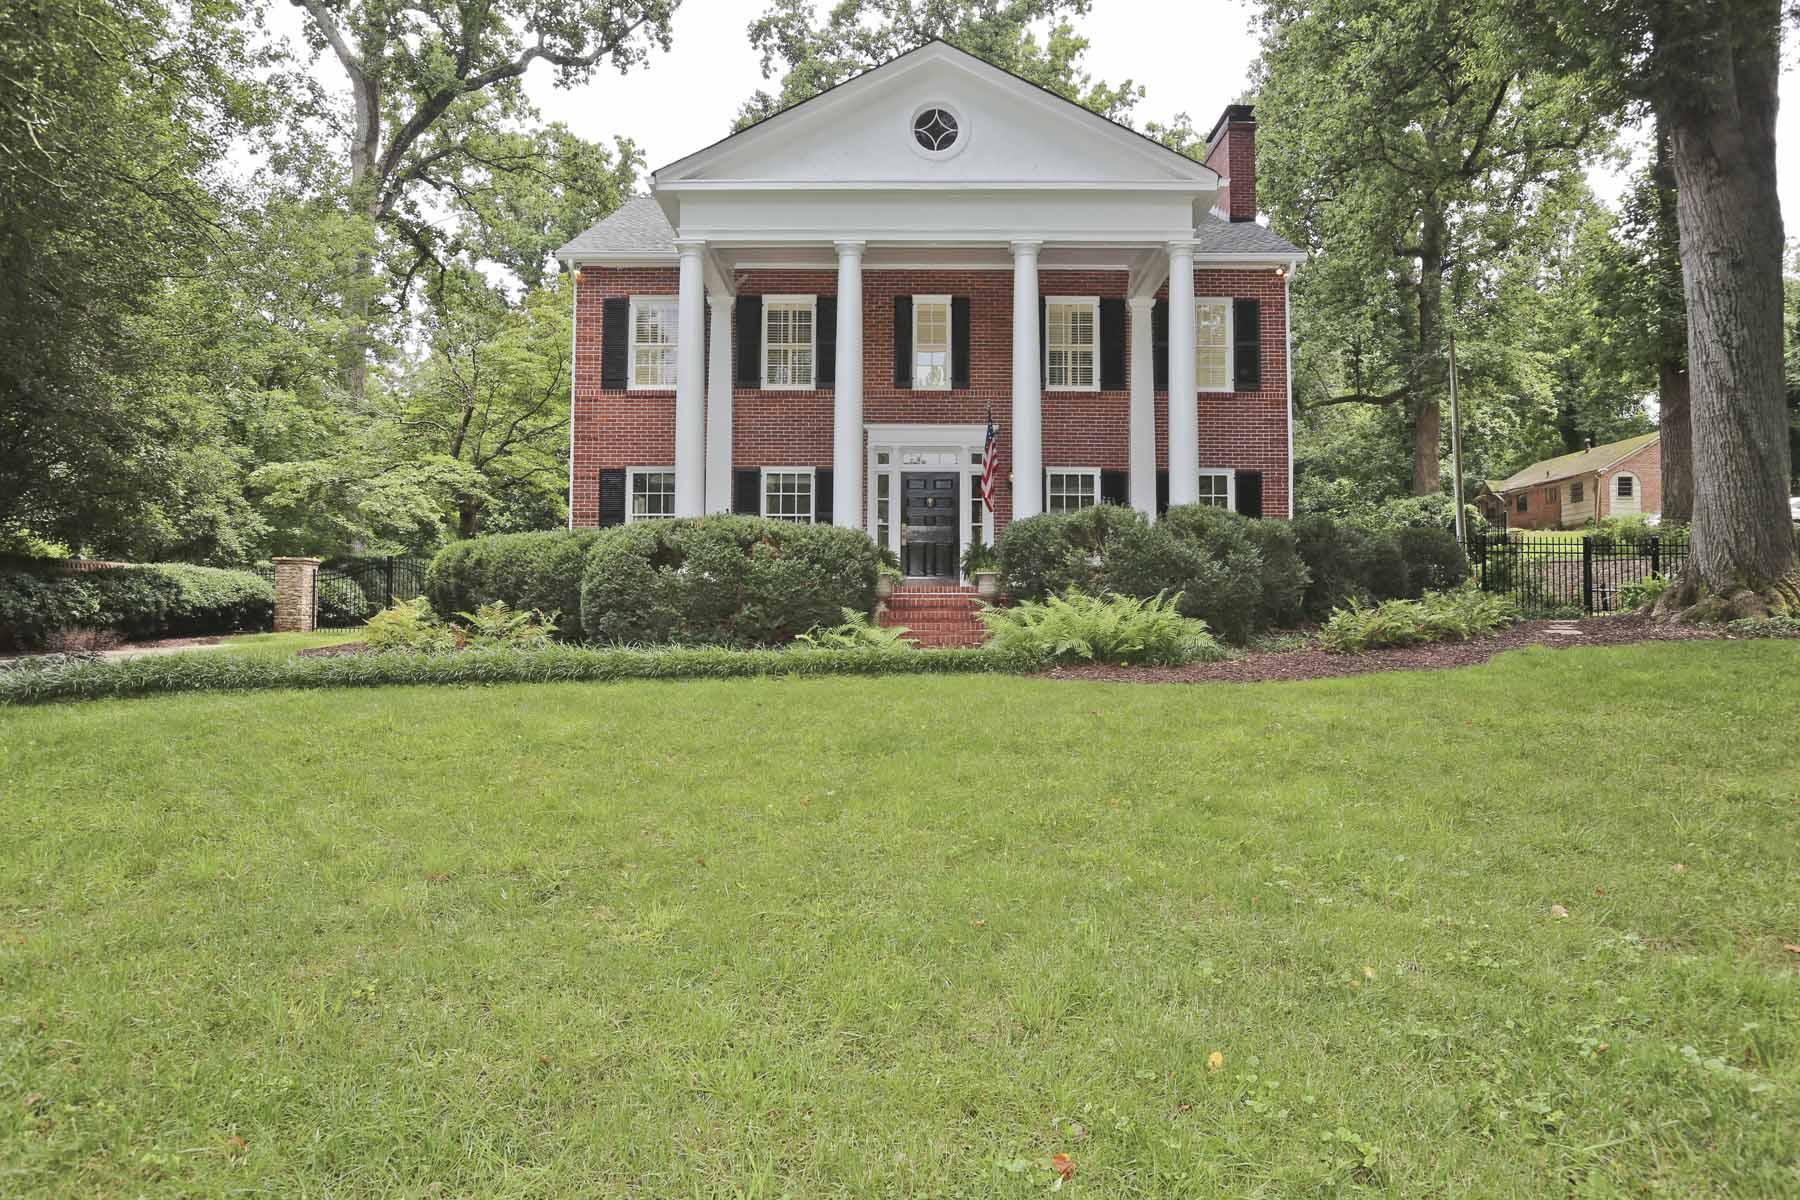 Maison unifamiliale pour l Vente à Historic Georgian Masterpiece in Druid Hills 2115 Ponce De Leon Ave Druid Hills, Atlanta, Georgia, 30307 États-Unis